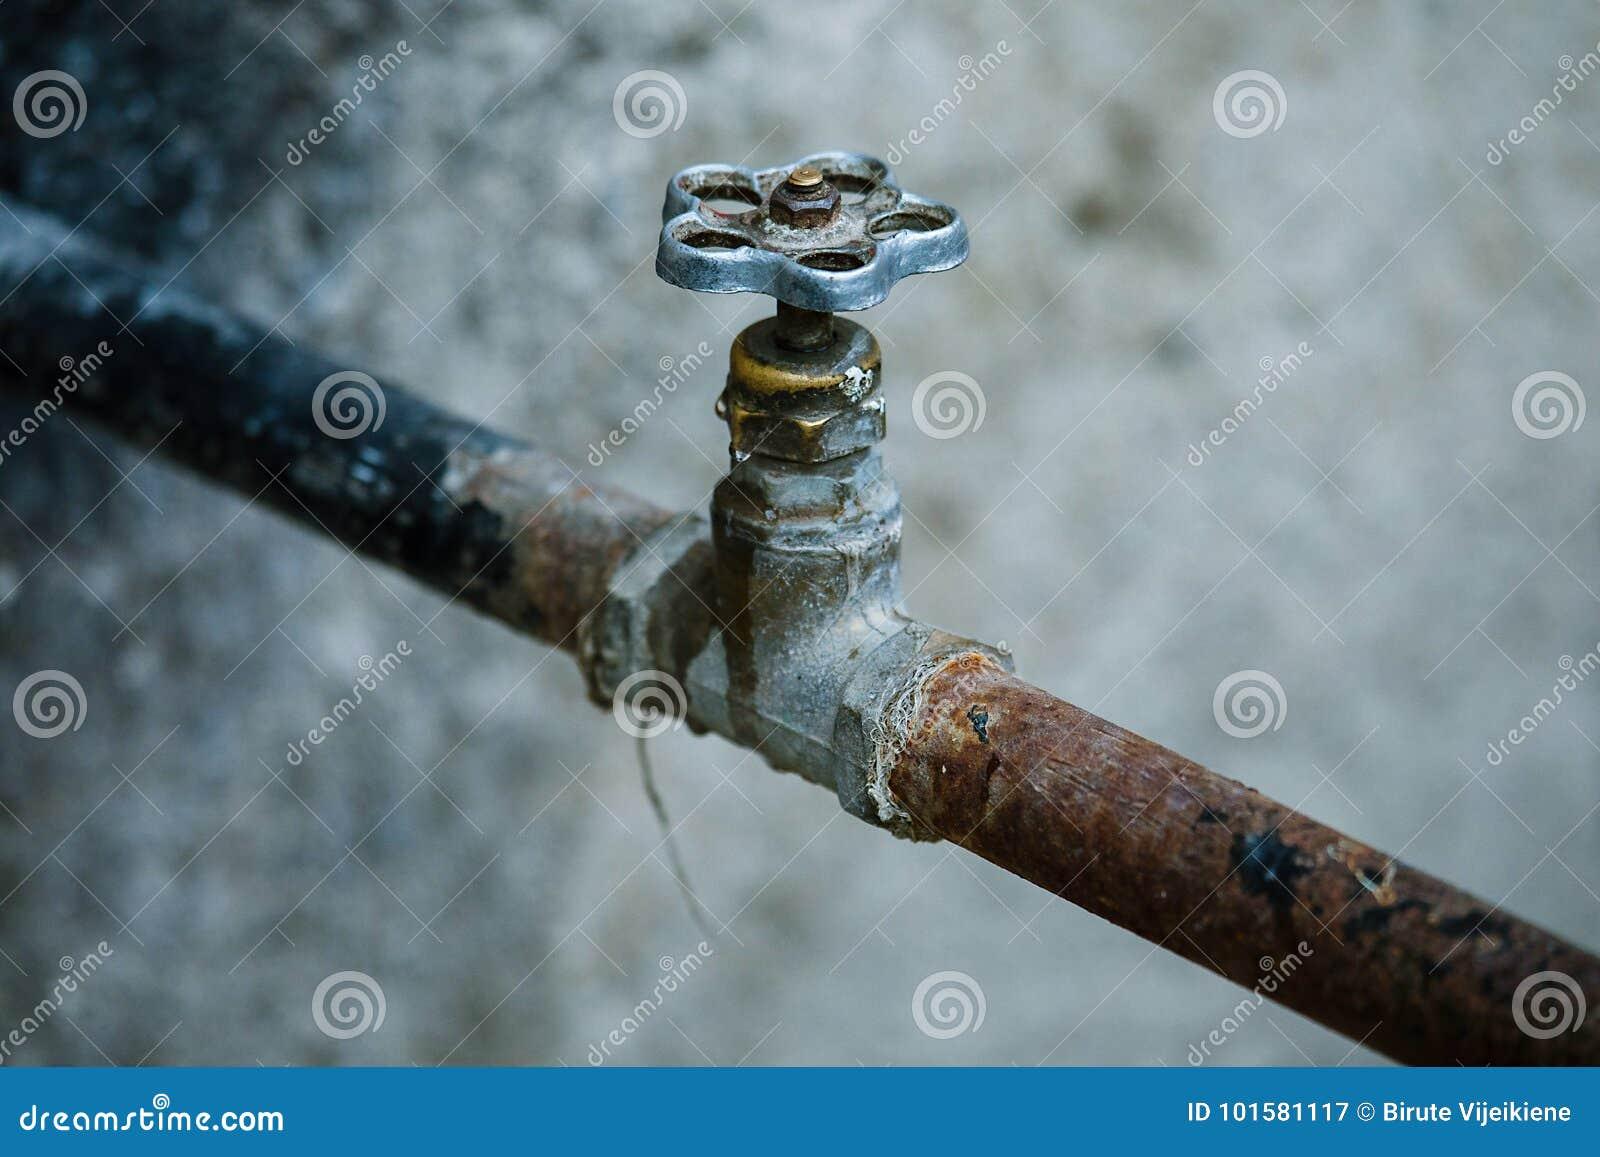 Alte Verrostete Wasserleitung Mit Ventil Stockbild - Bild von ...